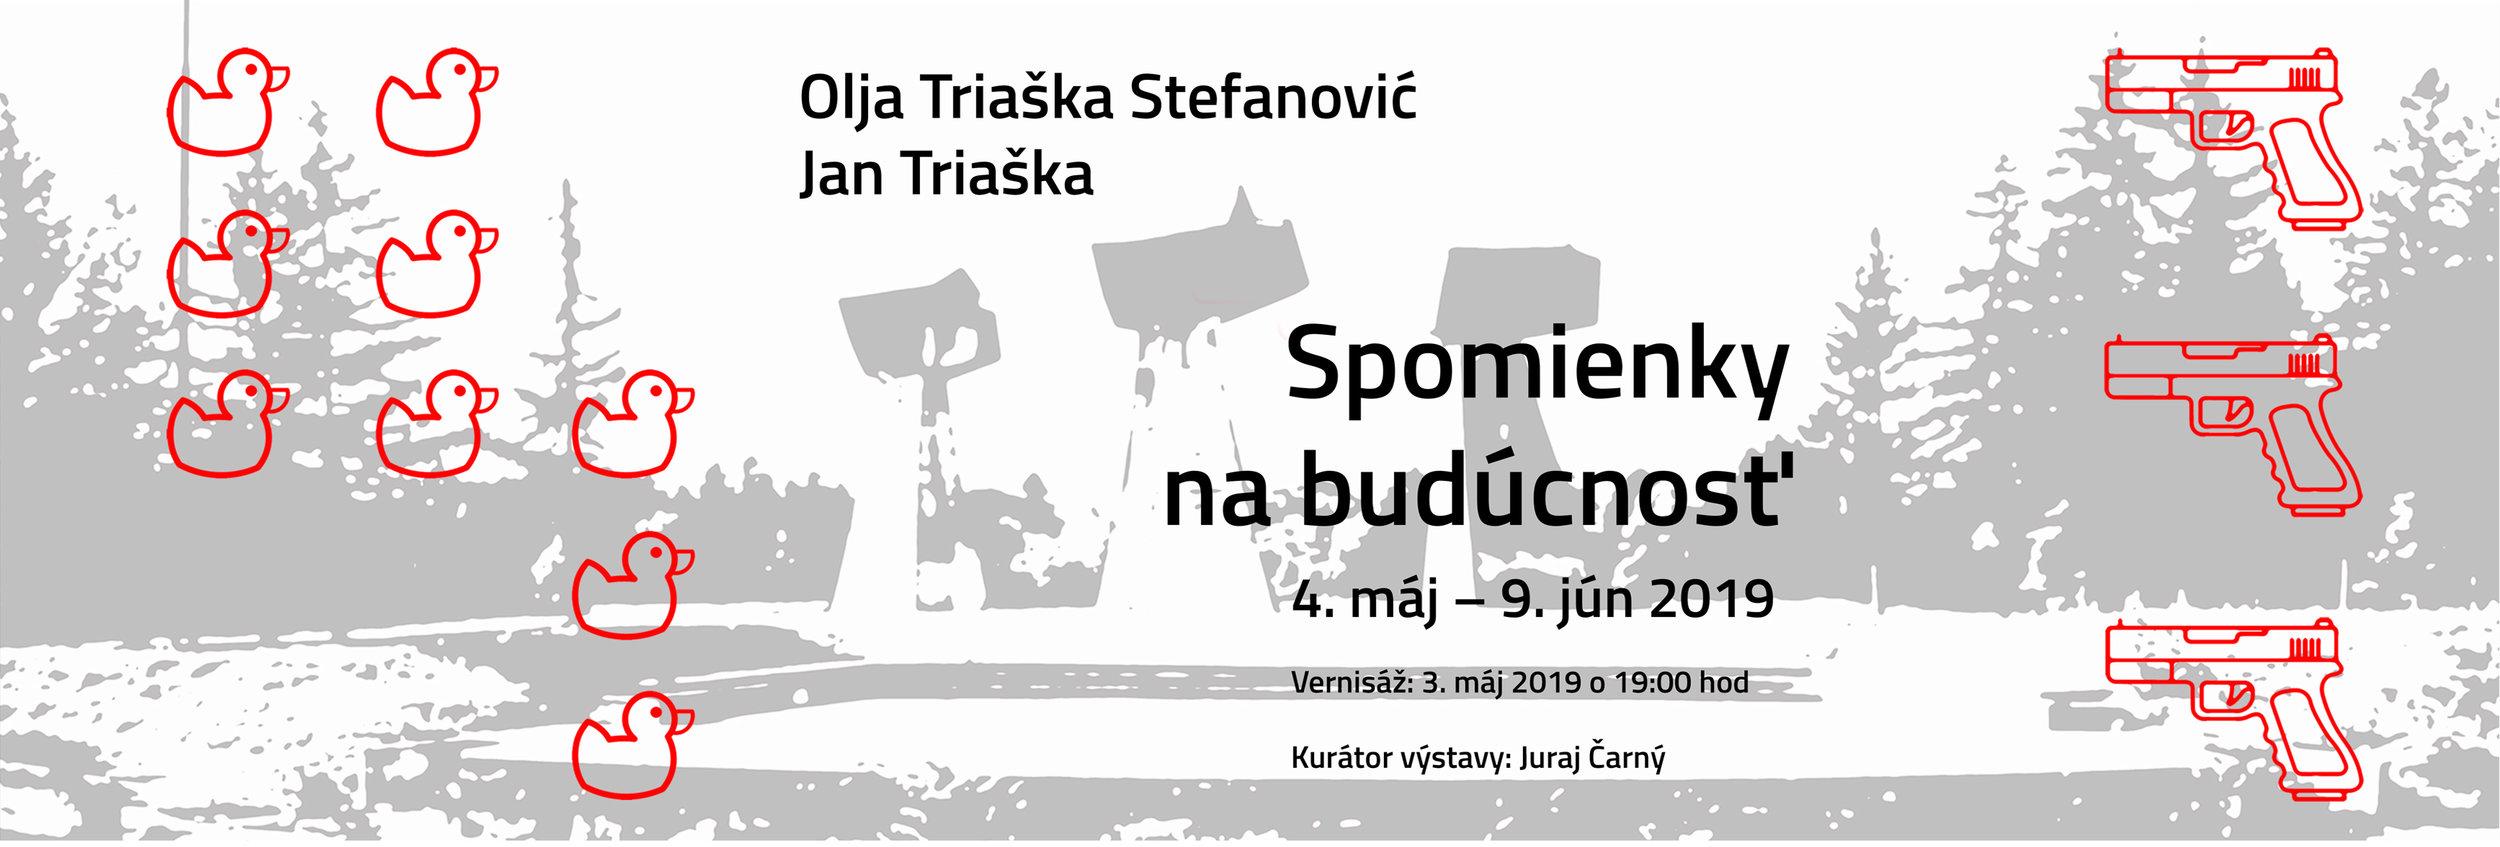 triaška_cover02.jpg